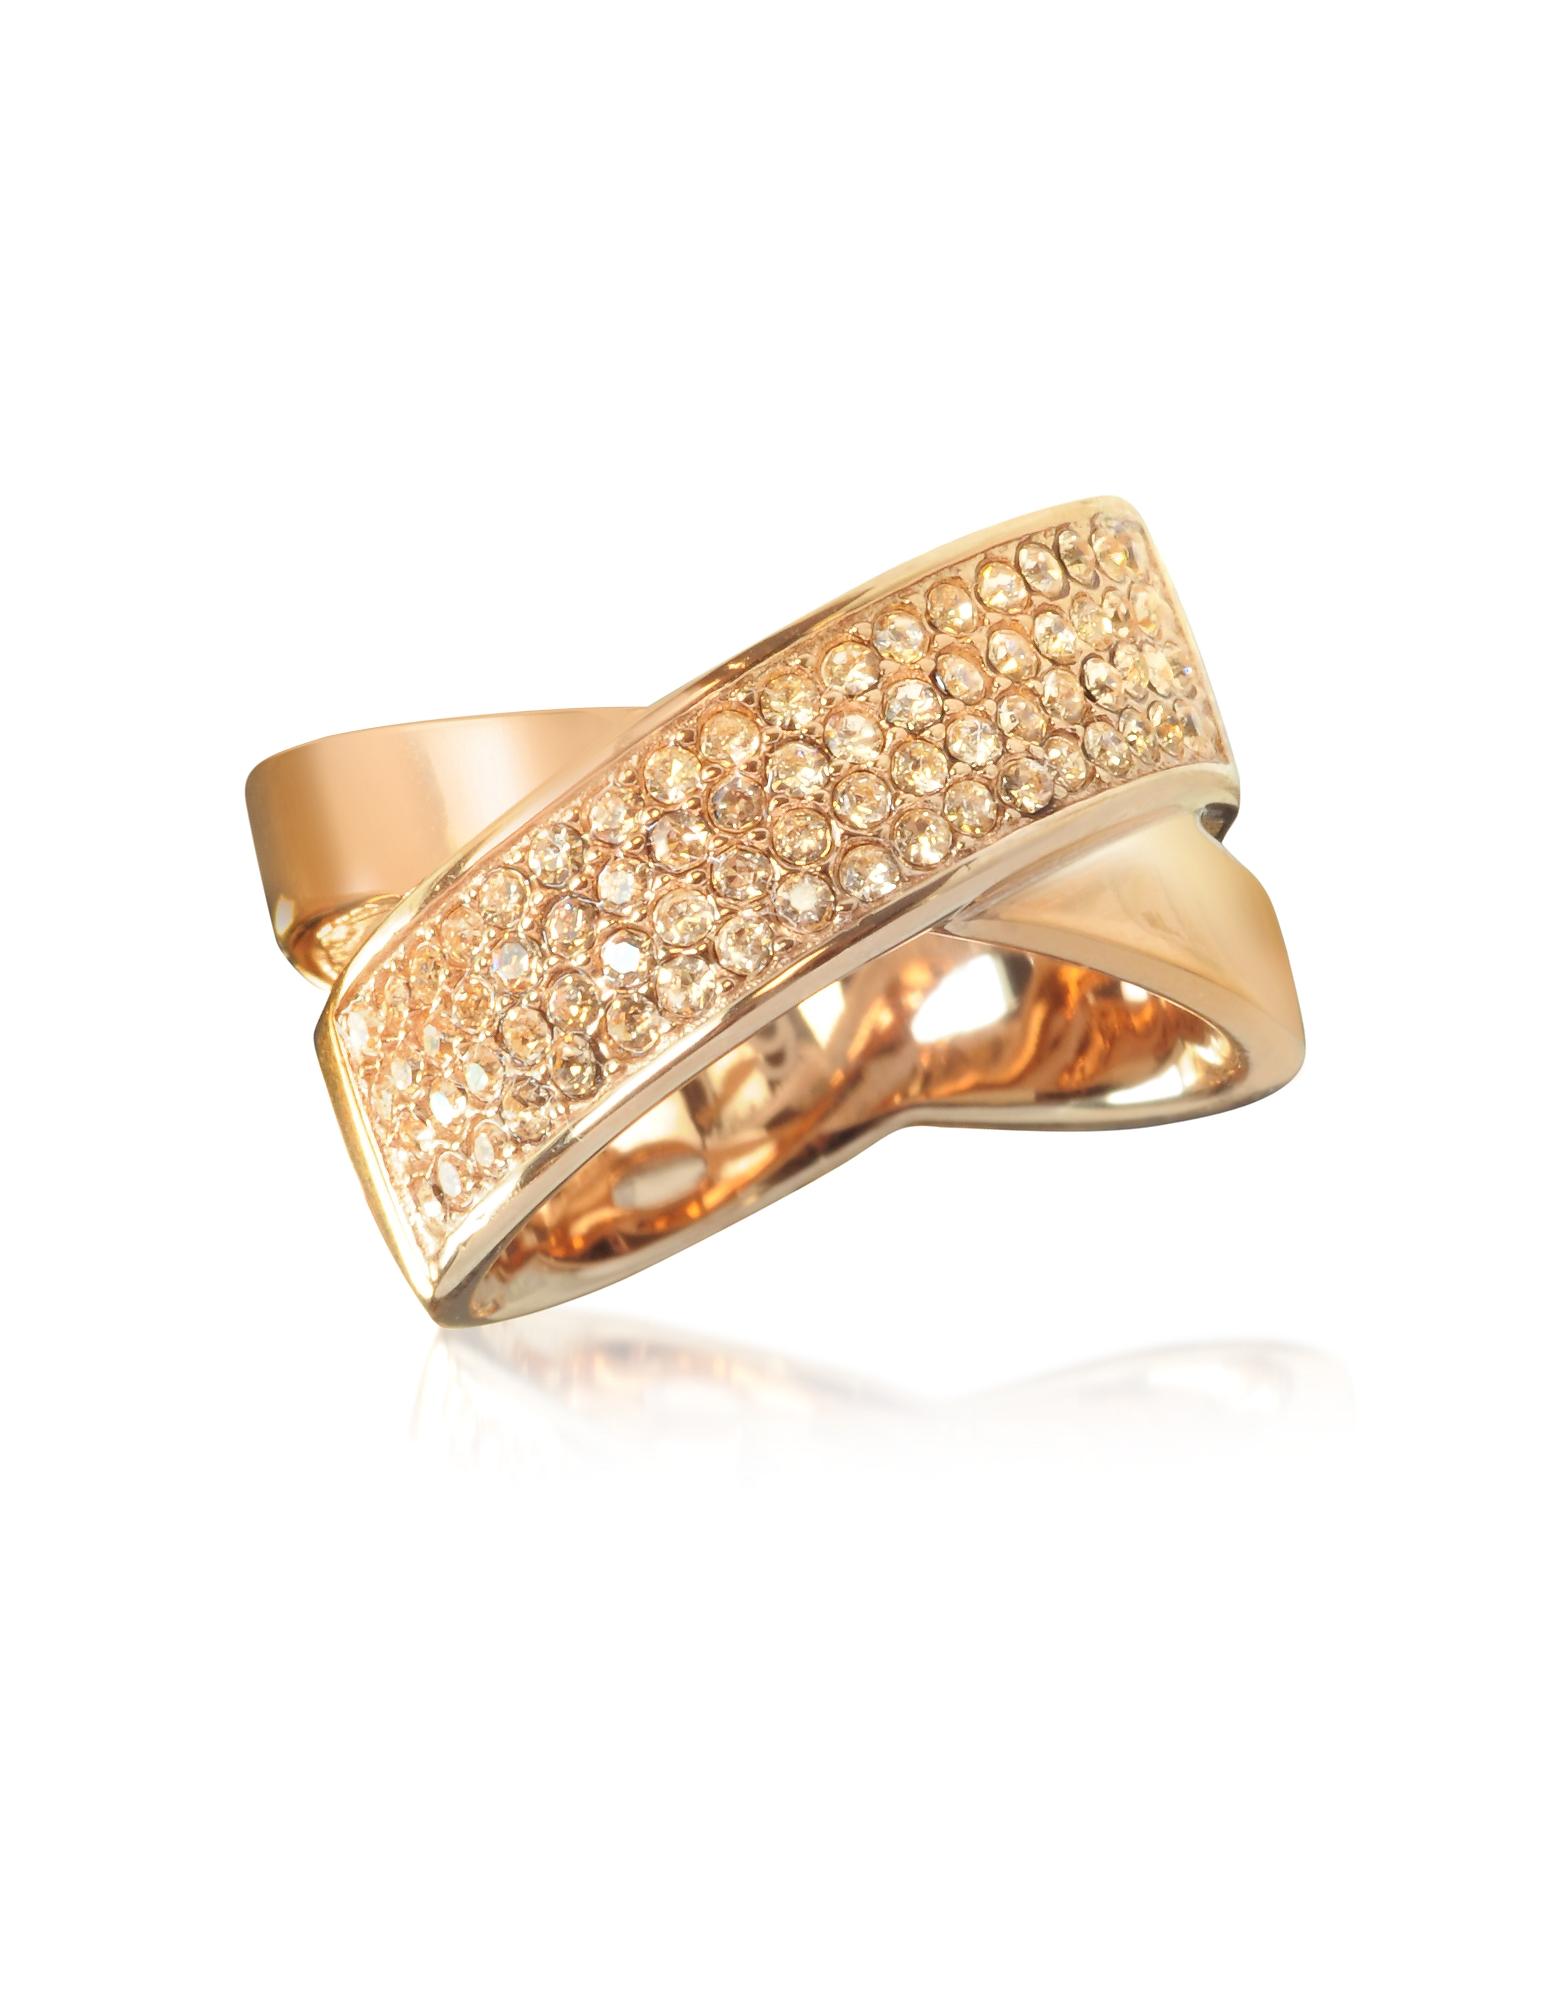 Женское Перекрещивающееся Кольцо из Нержавеющей Стали Оттенка Розового Золота с Паве Кристаллов